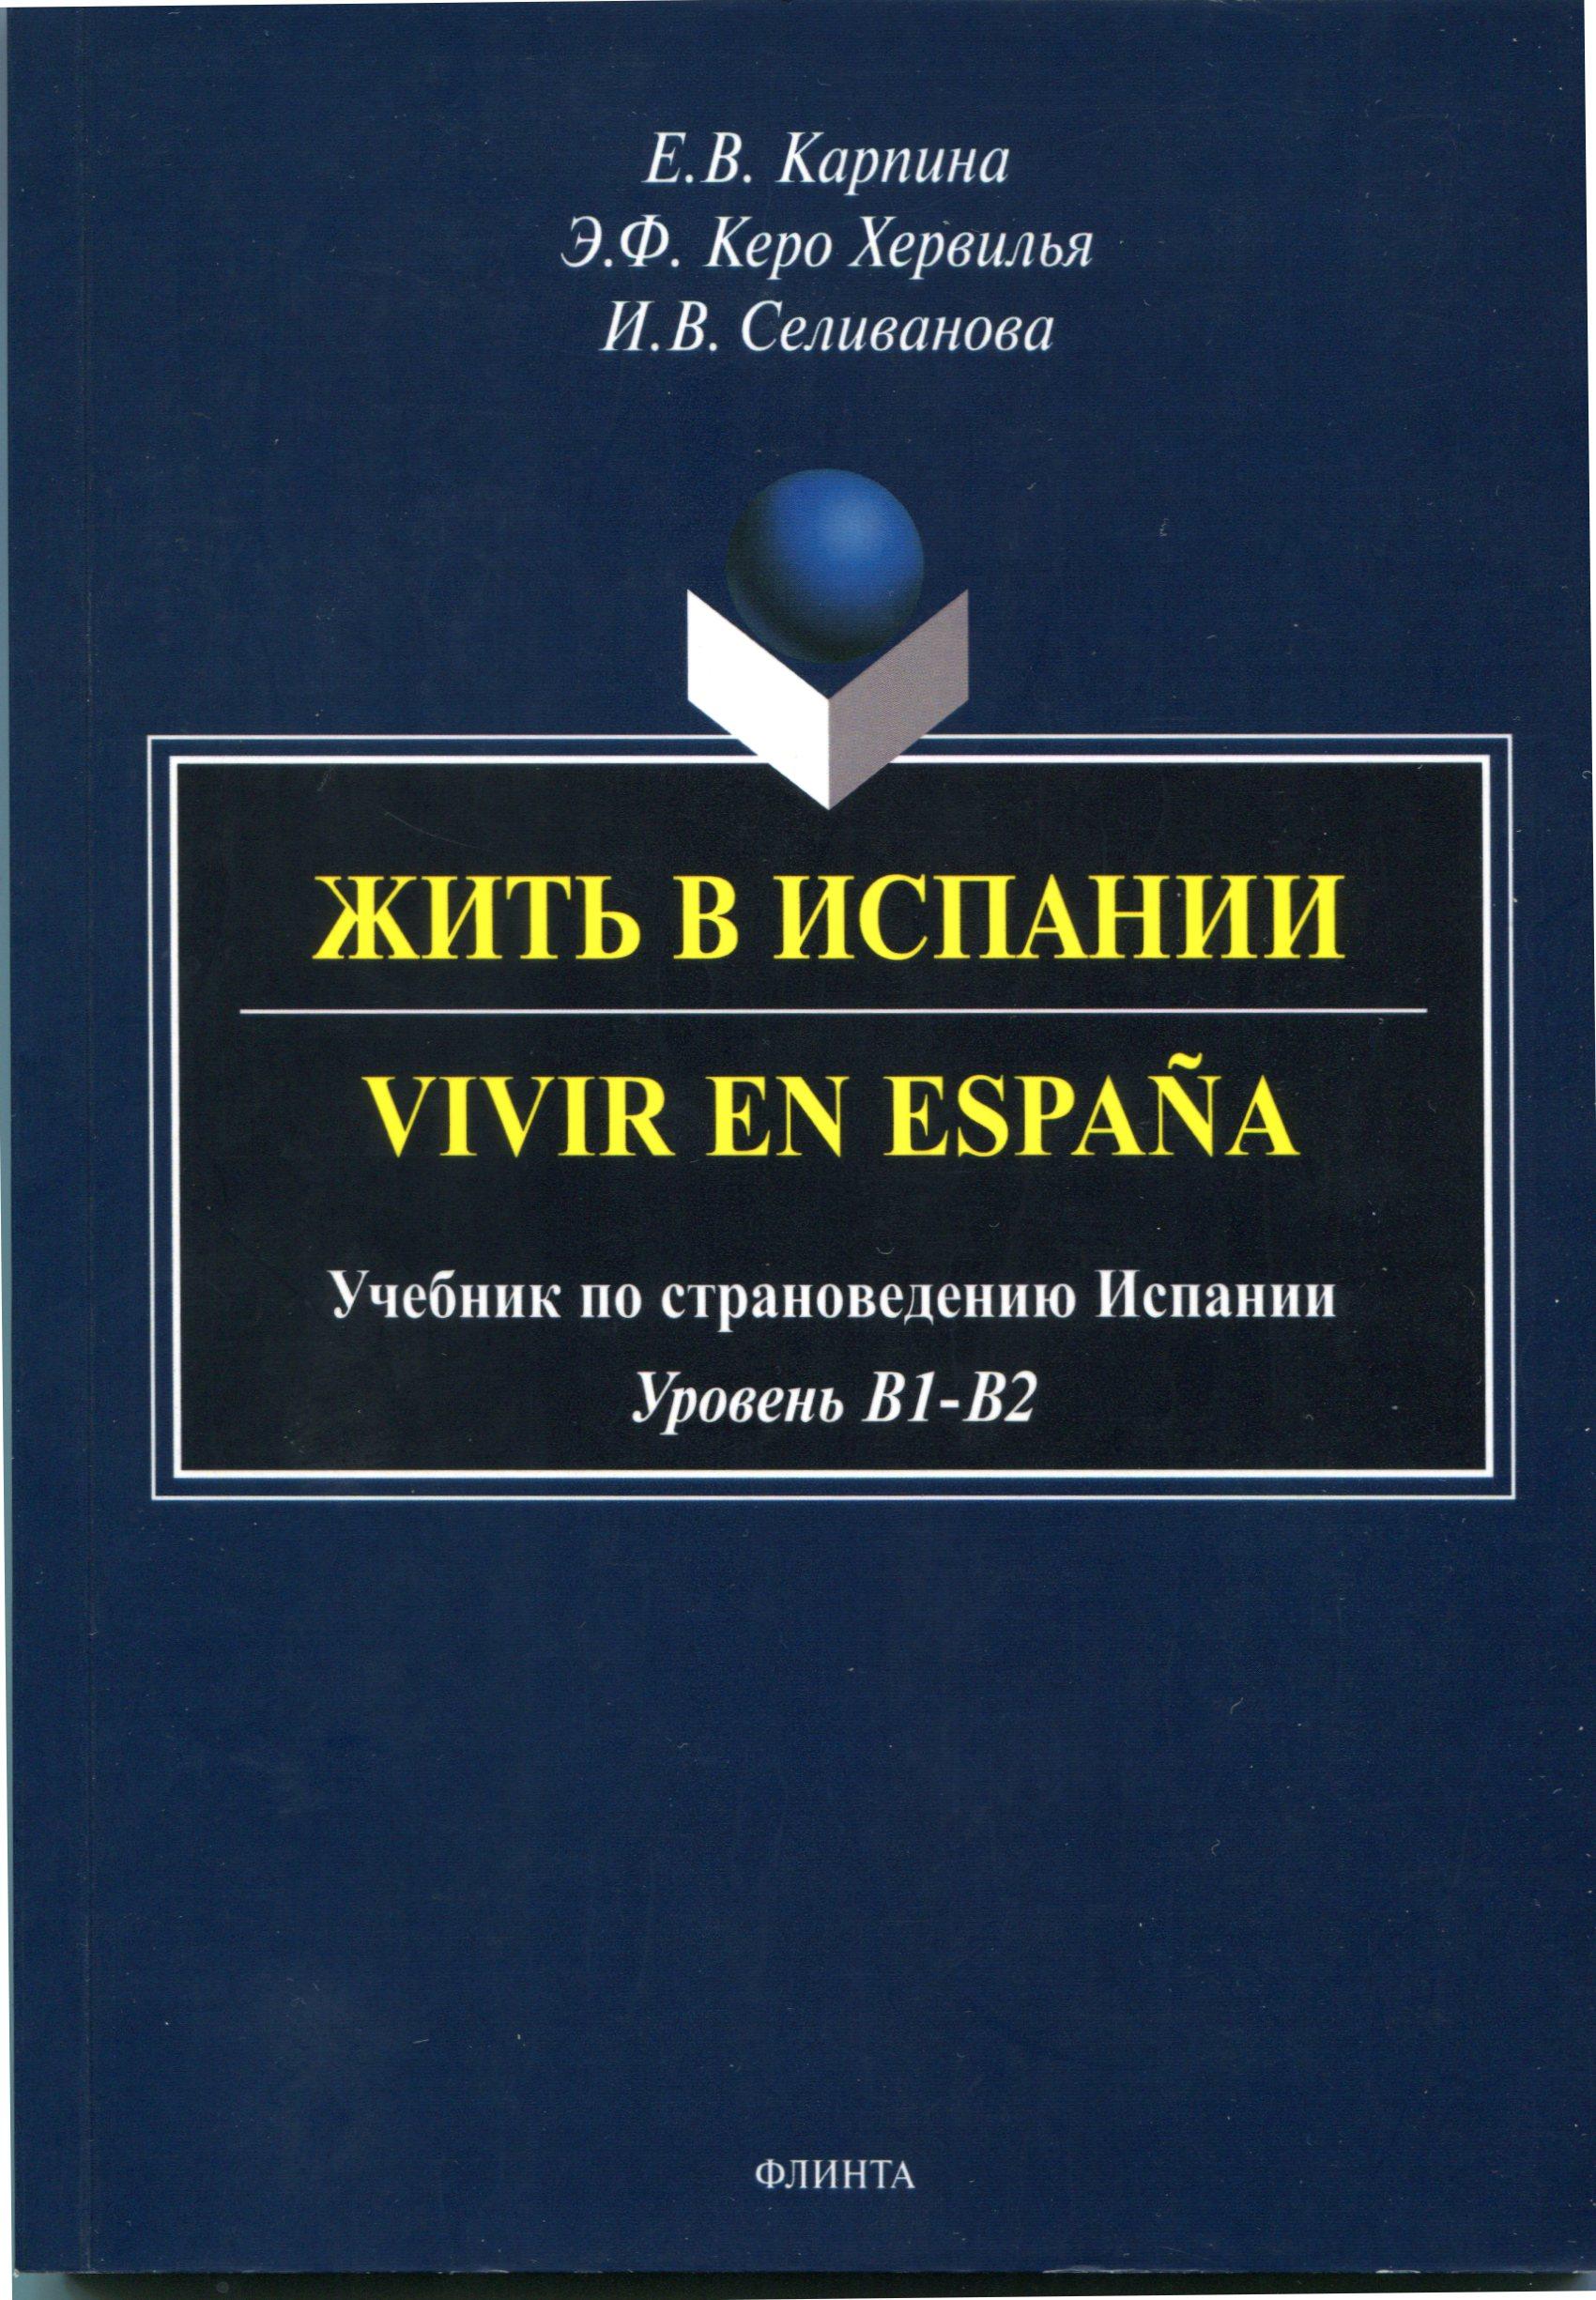 Vivir en España: учебник по страноведению Испании (уровень В1-В2)